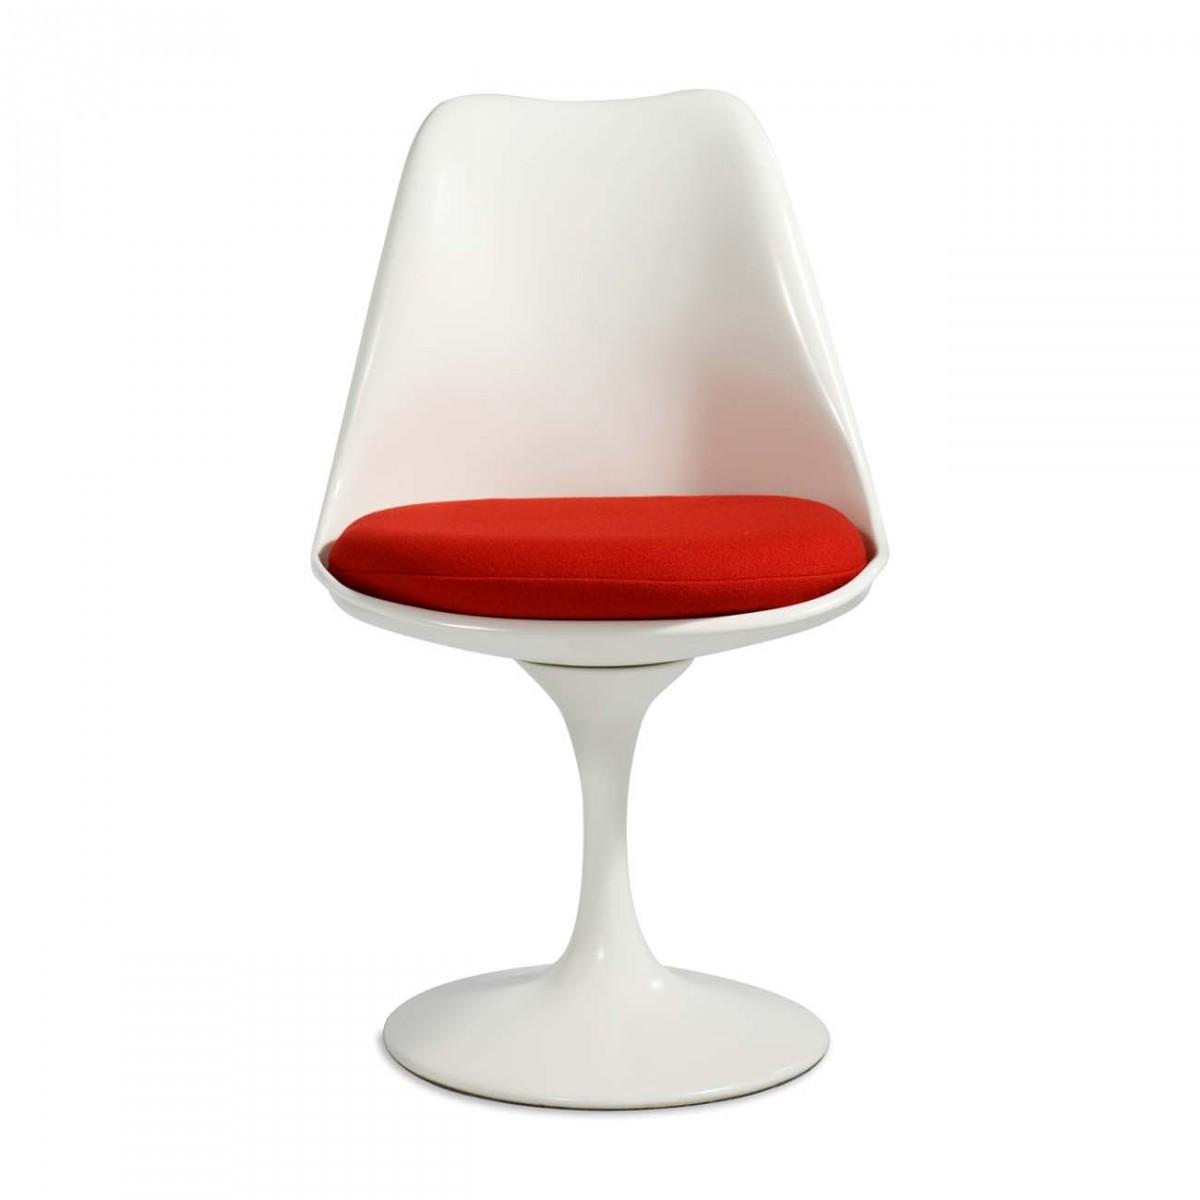 Alivar saarinen tulip chair sedia design 4u store - Sedia tulip knoll ...